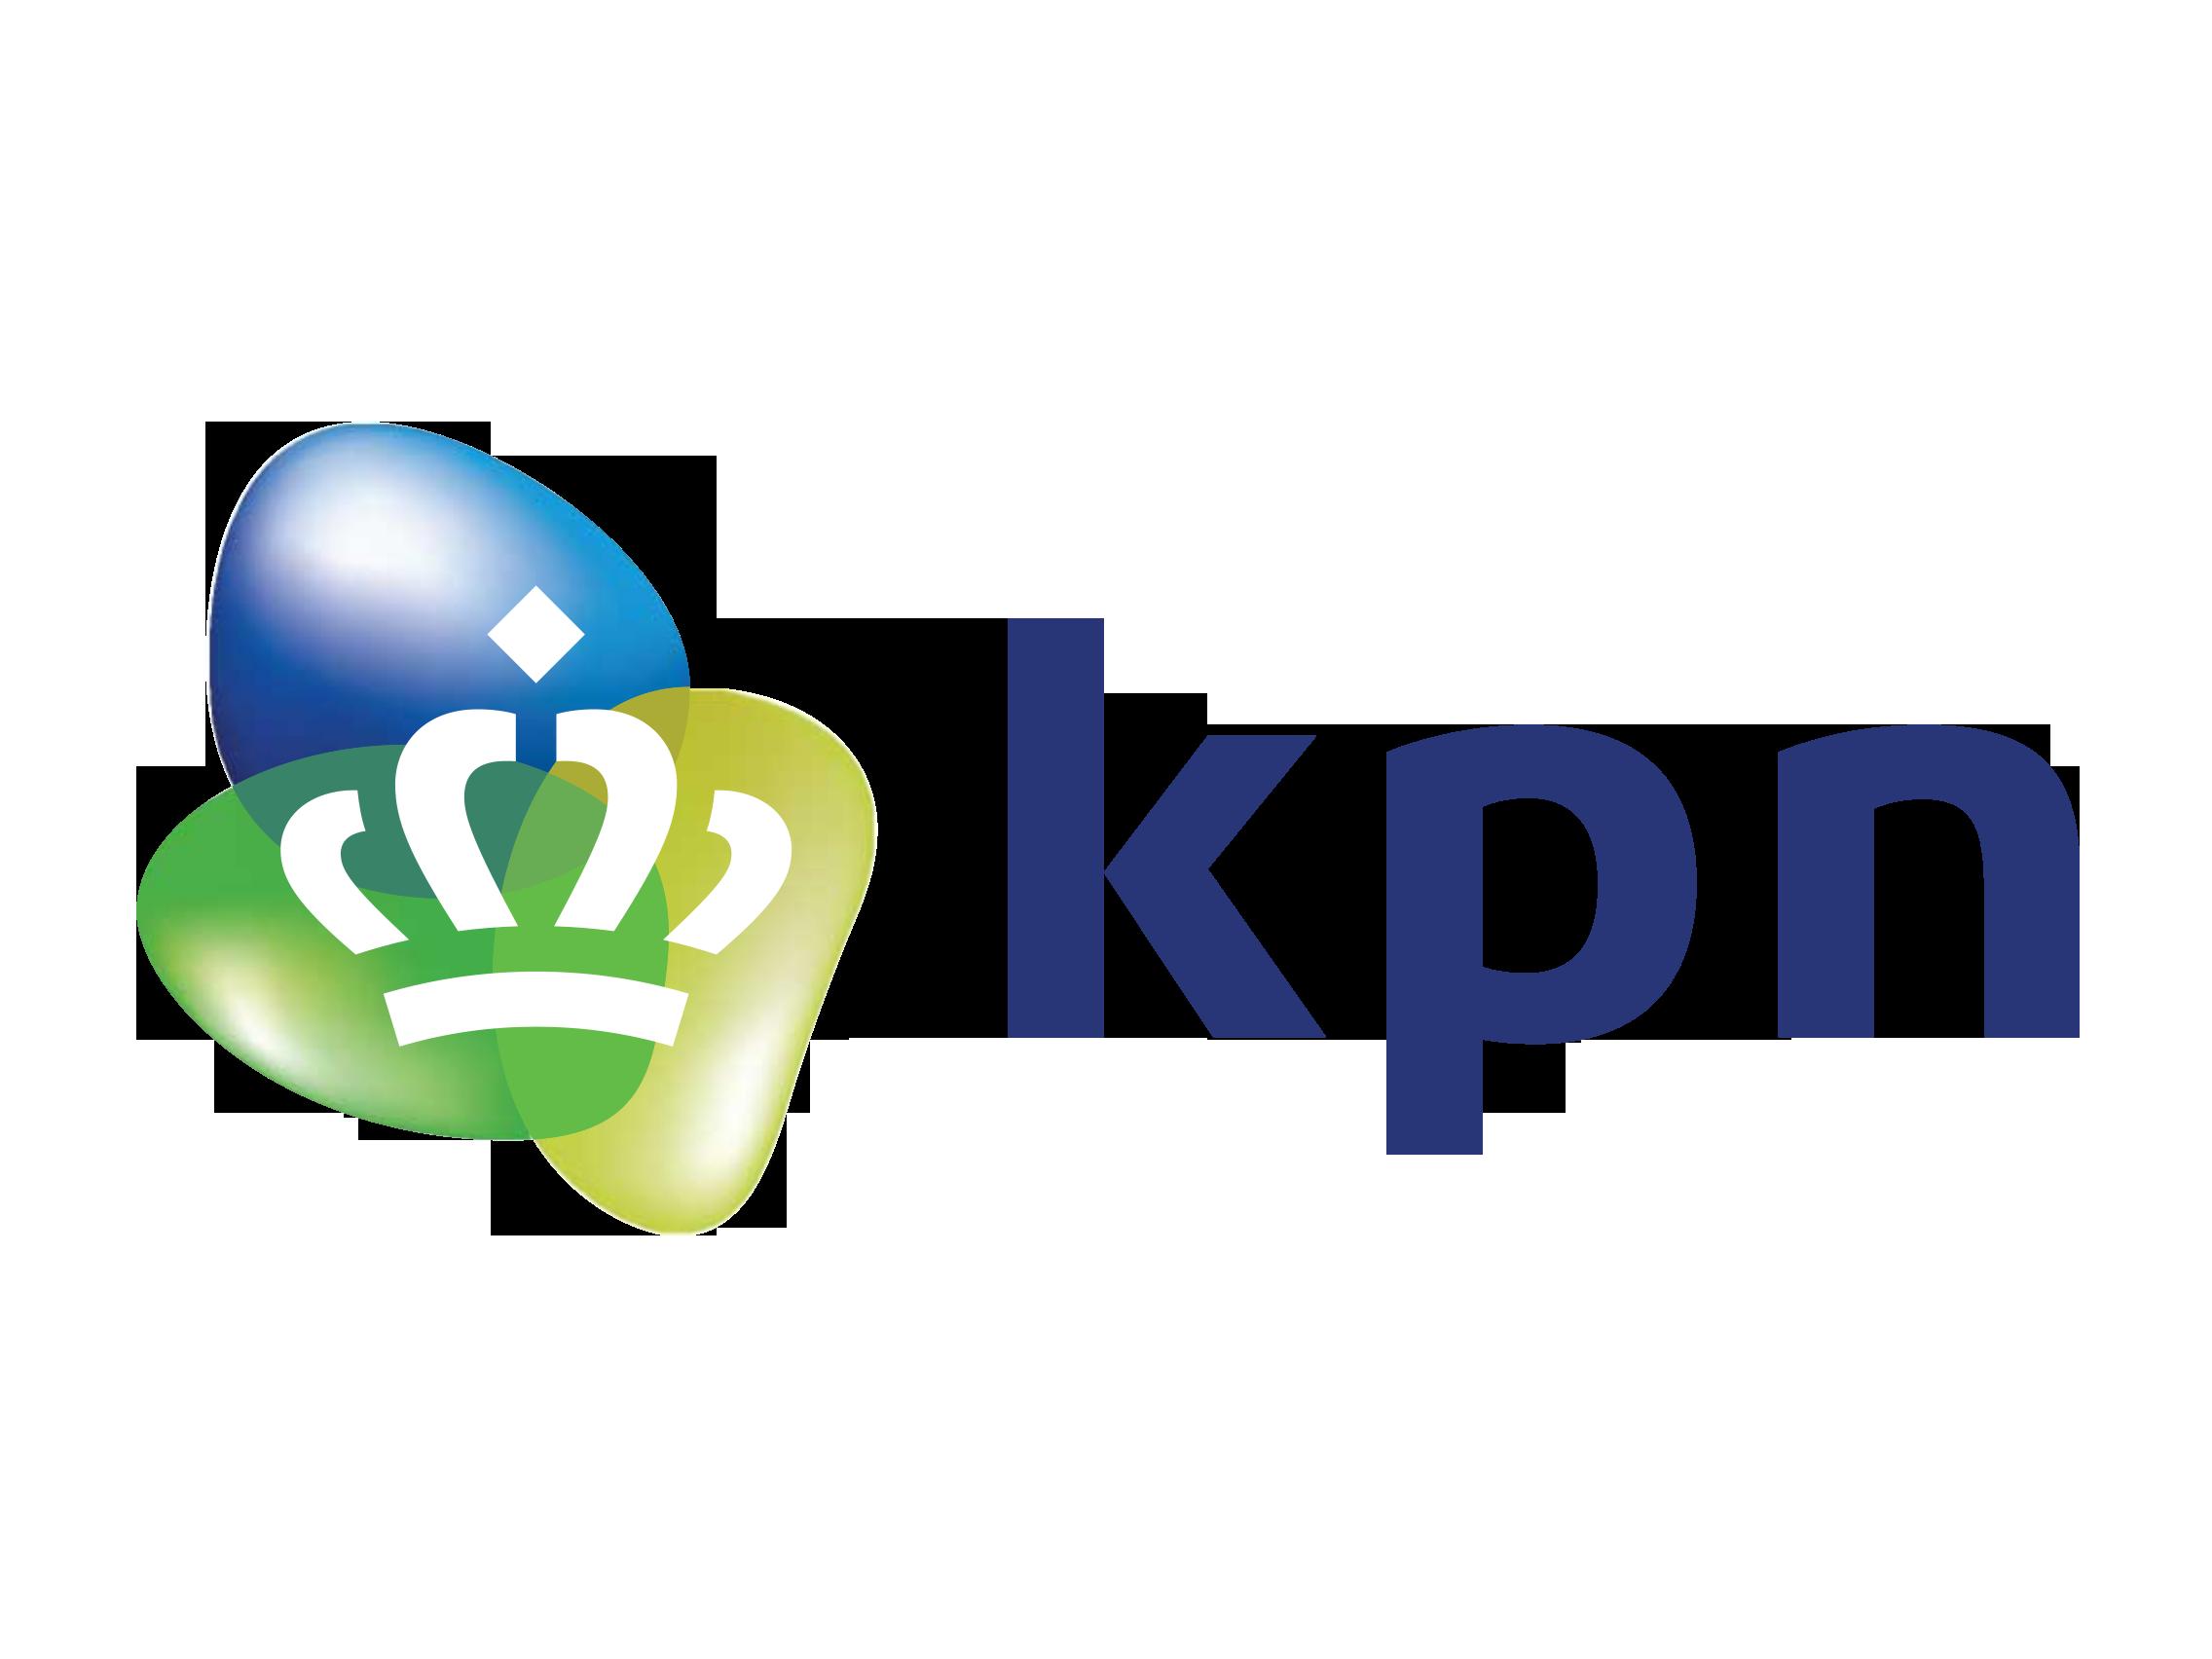 kpn-logo-wordmark